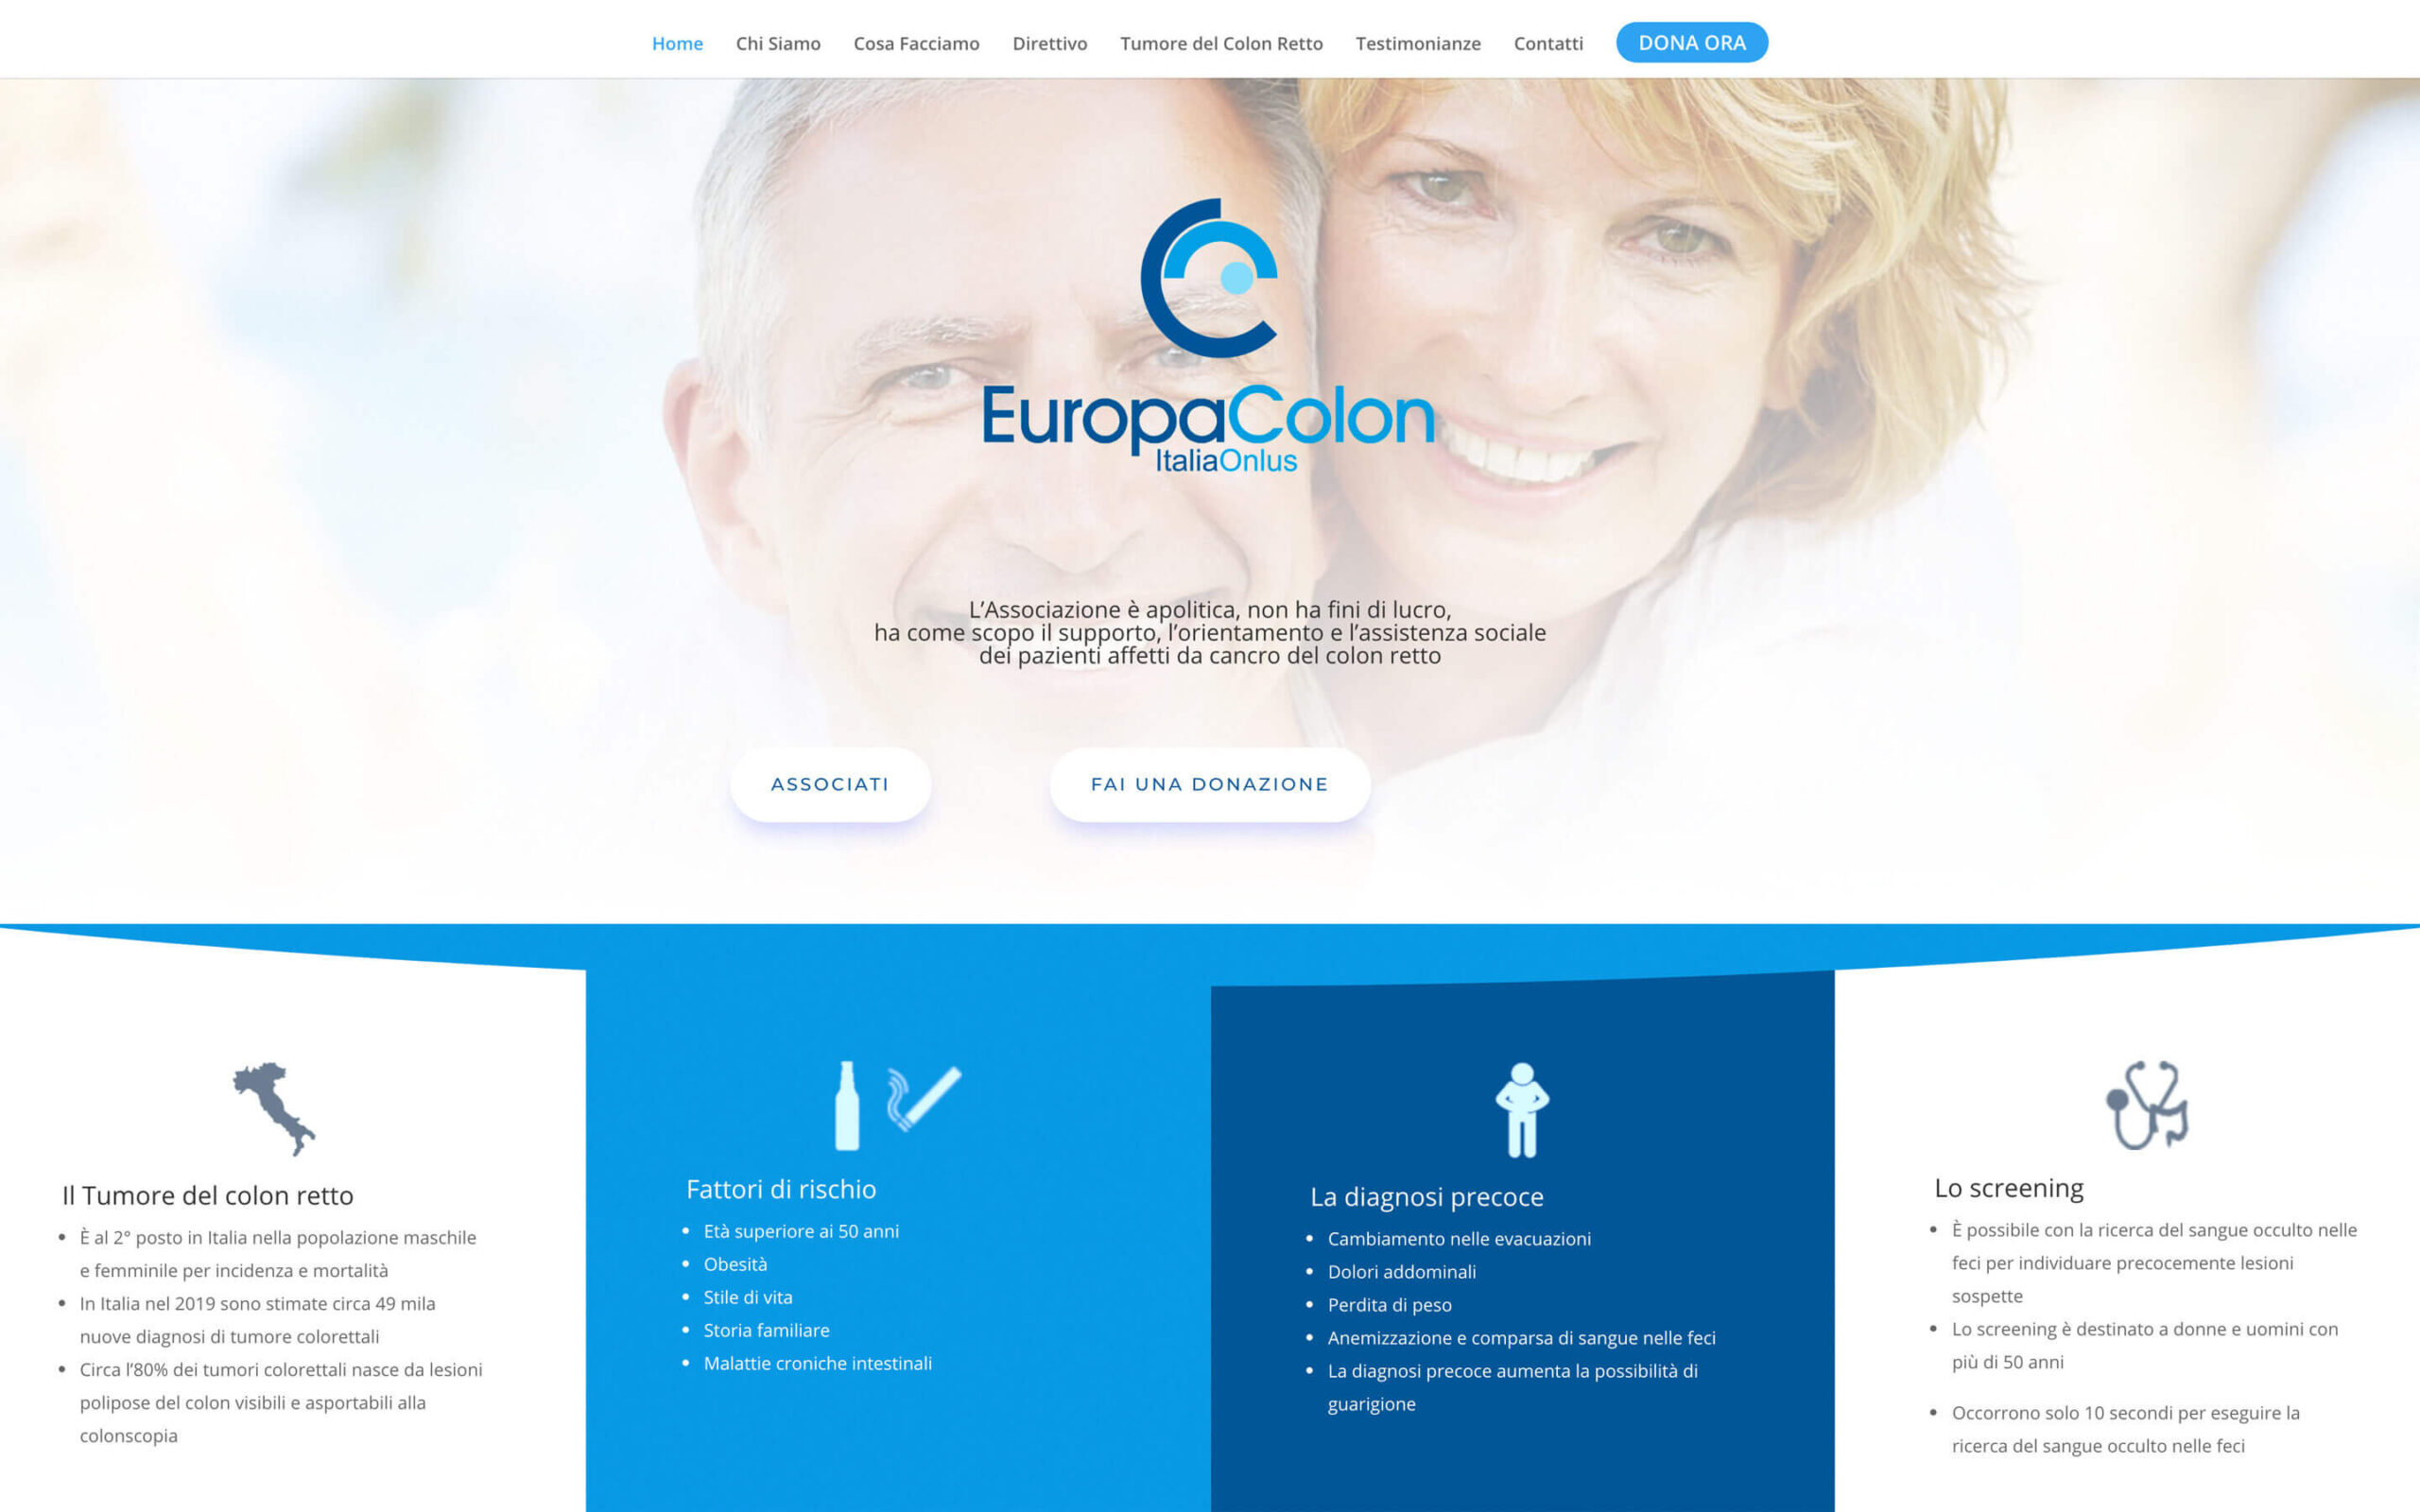 La homepage di europacolon.it